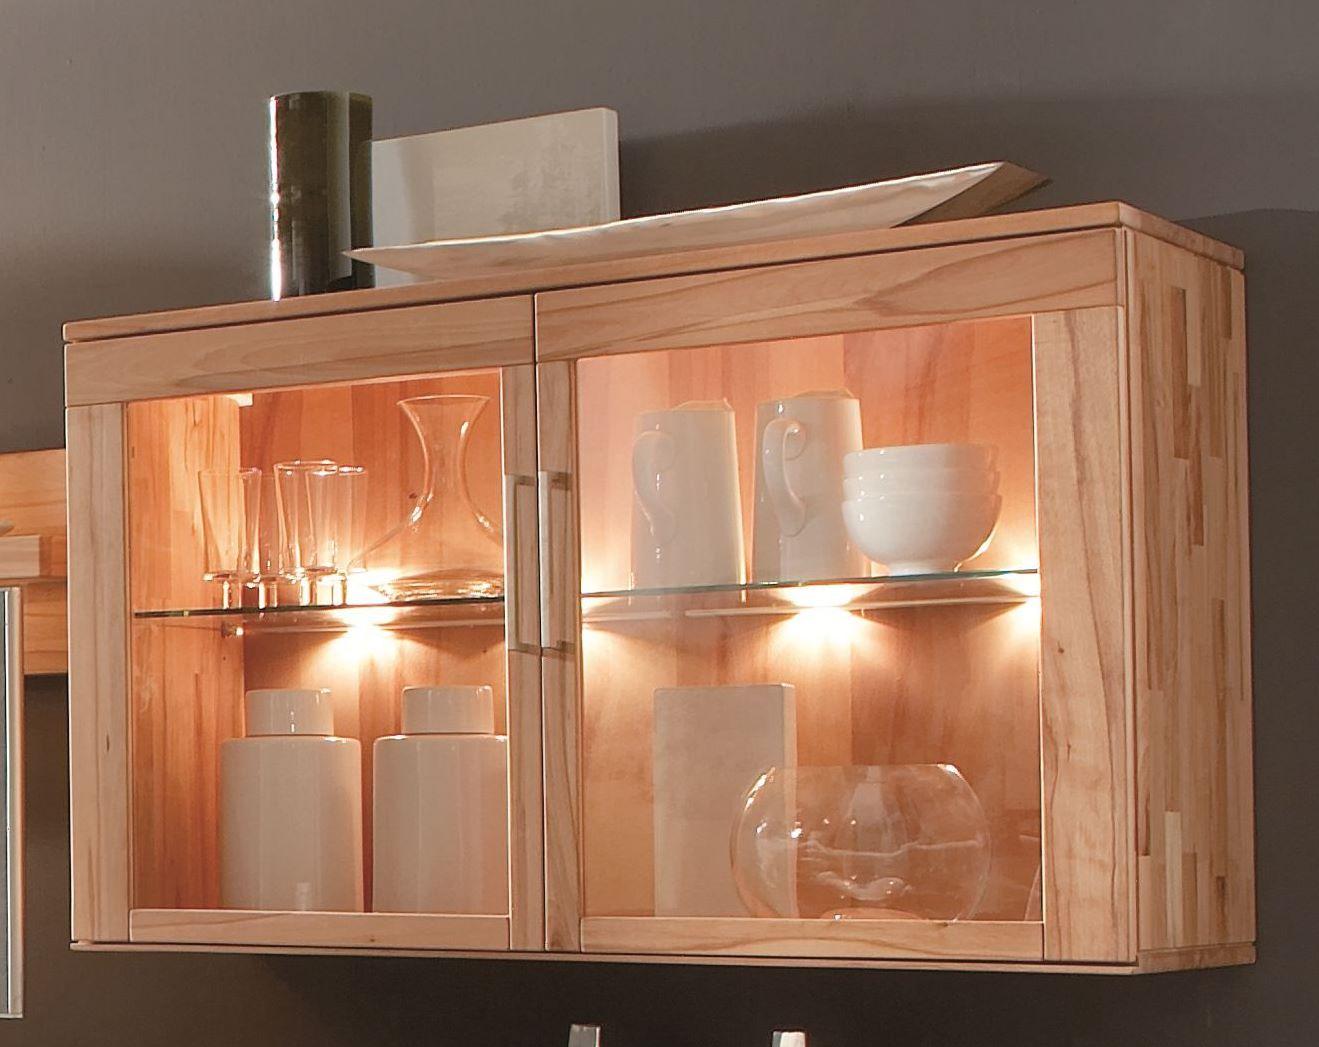 Hängeschrank Schlafzimmer Buche # Goetics.com > Inspiration Design Raum und Möbel für Ihre ...